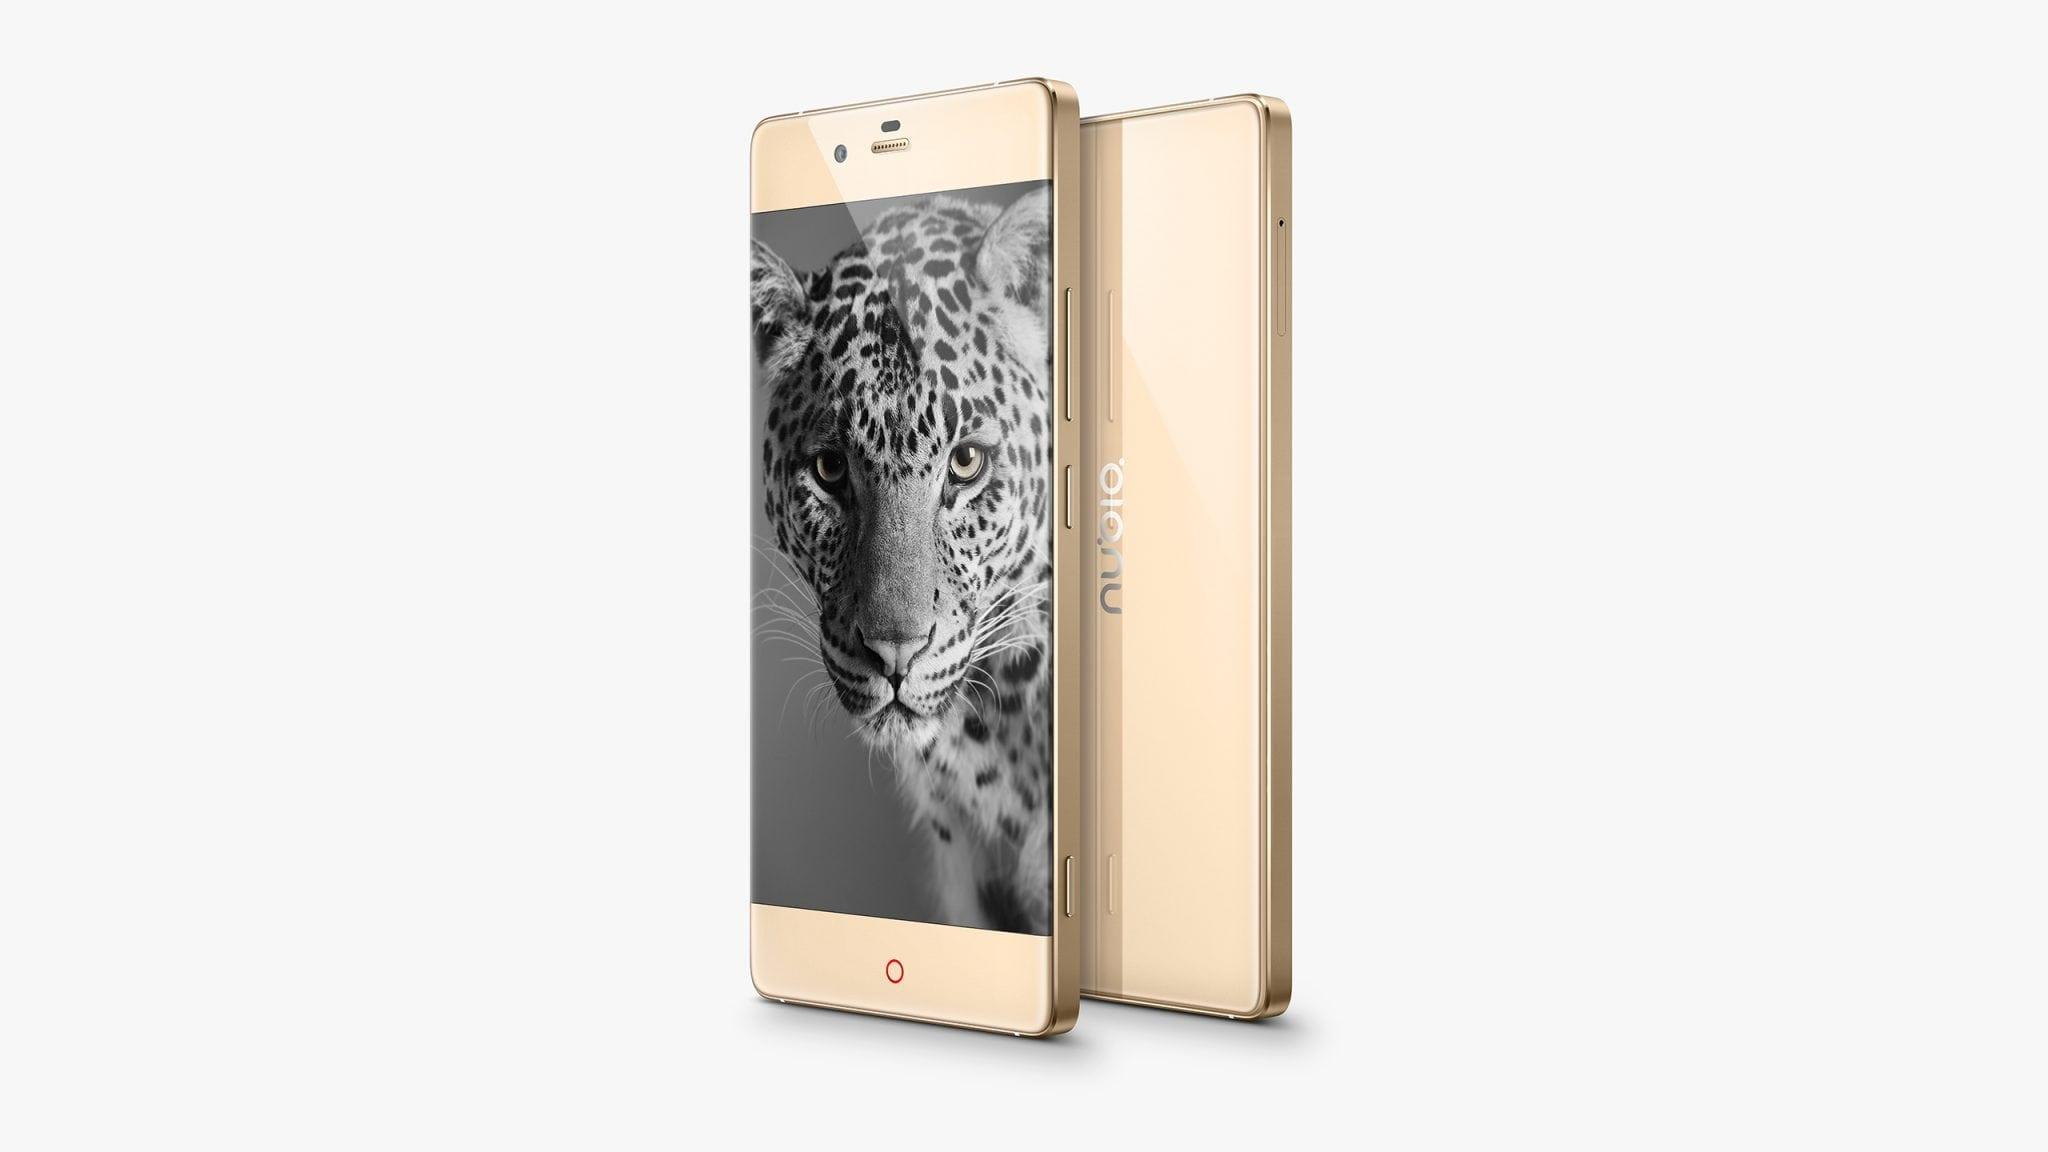 ZTE a lansat Nubia Z9, un smartphone cu margini aproape inexistente și fără butoane fizice